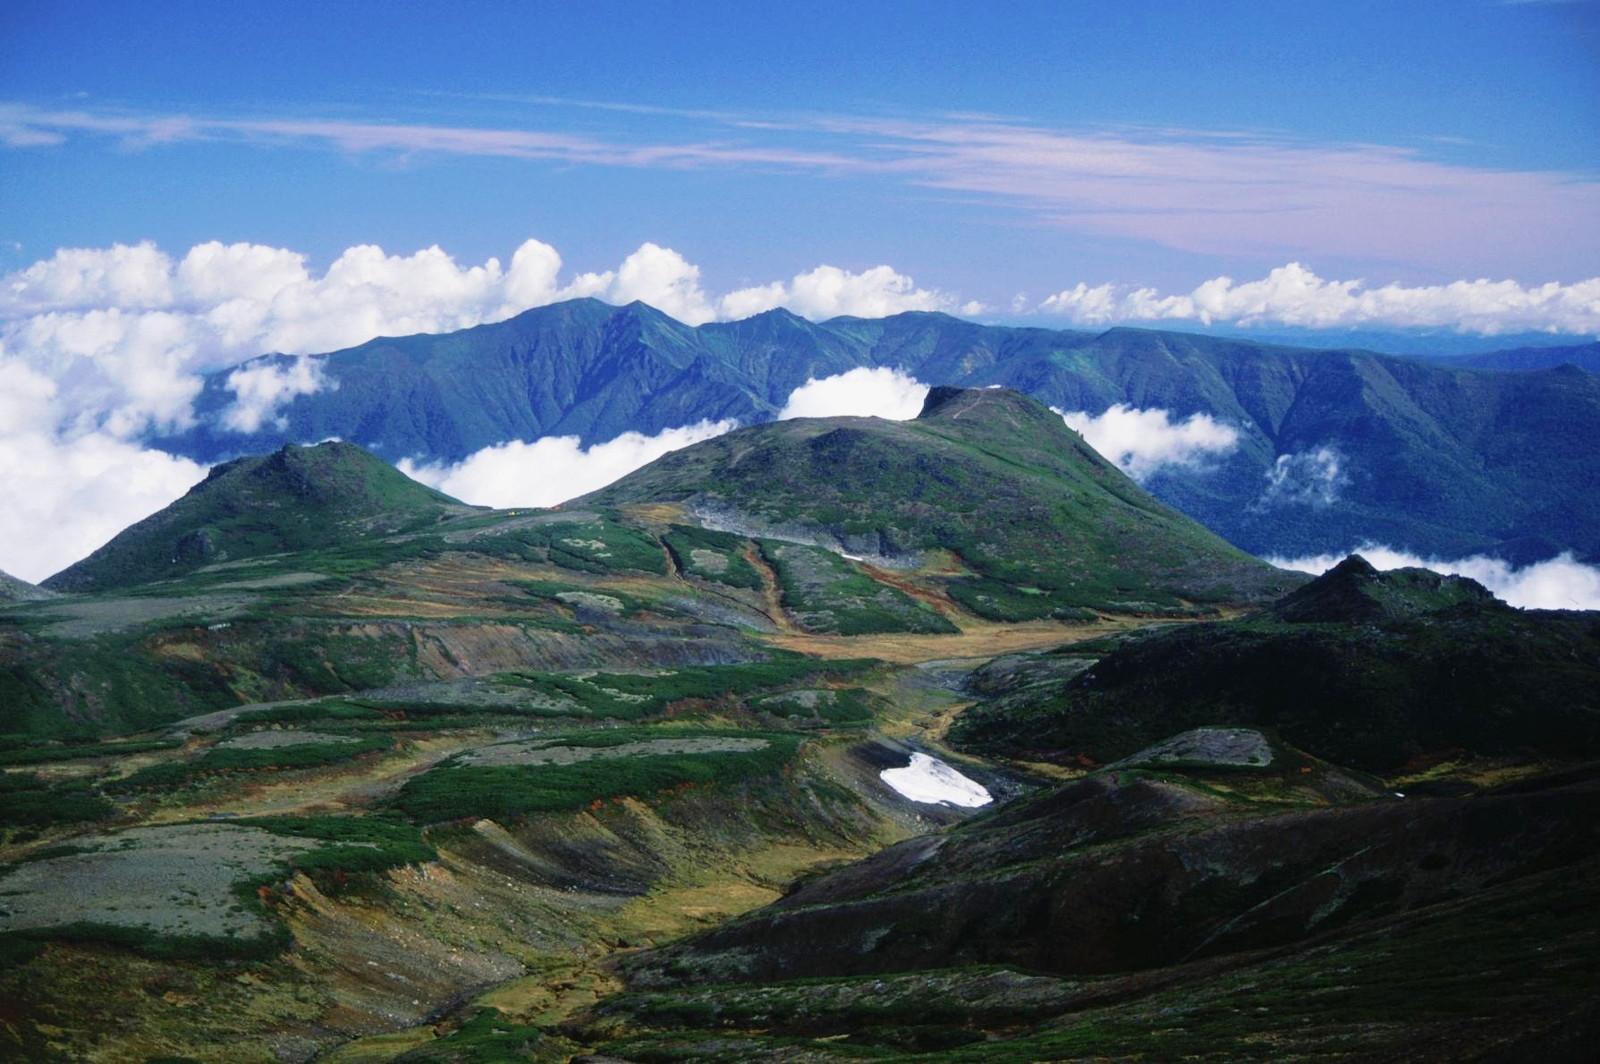 Mount_Niseykauspe_and_Mount_Kuro